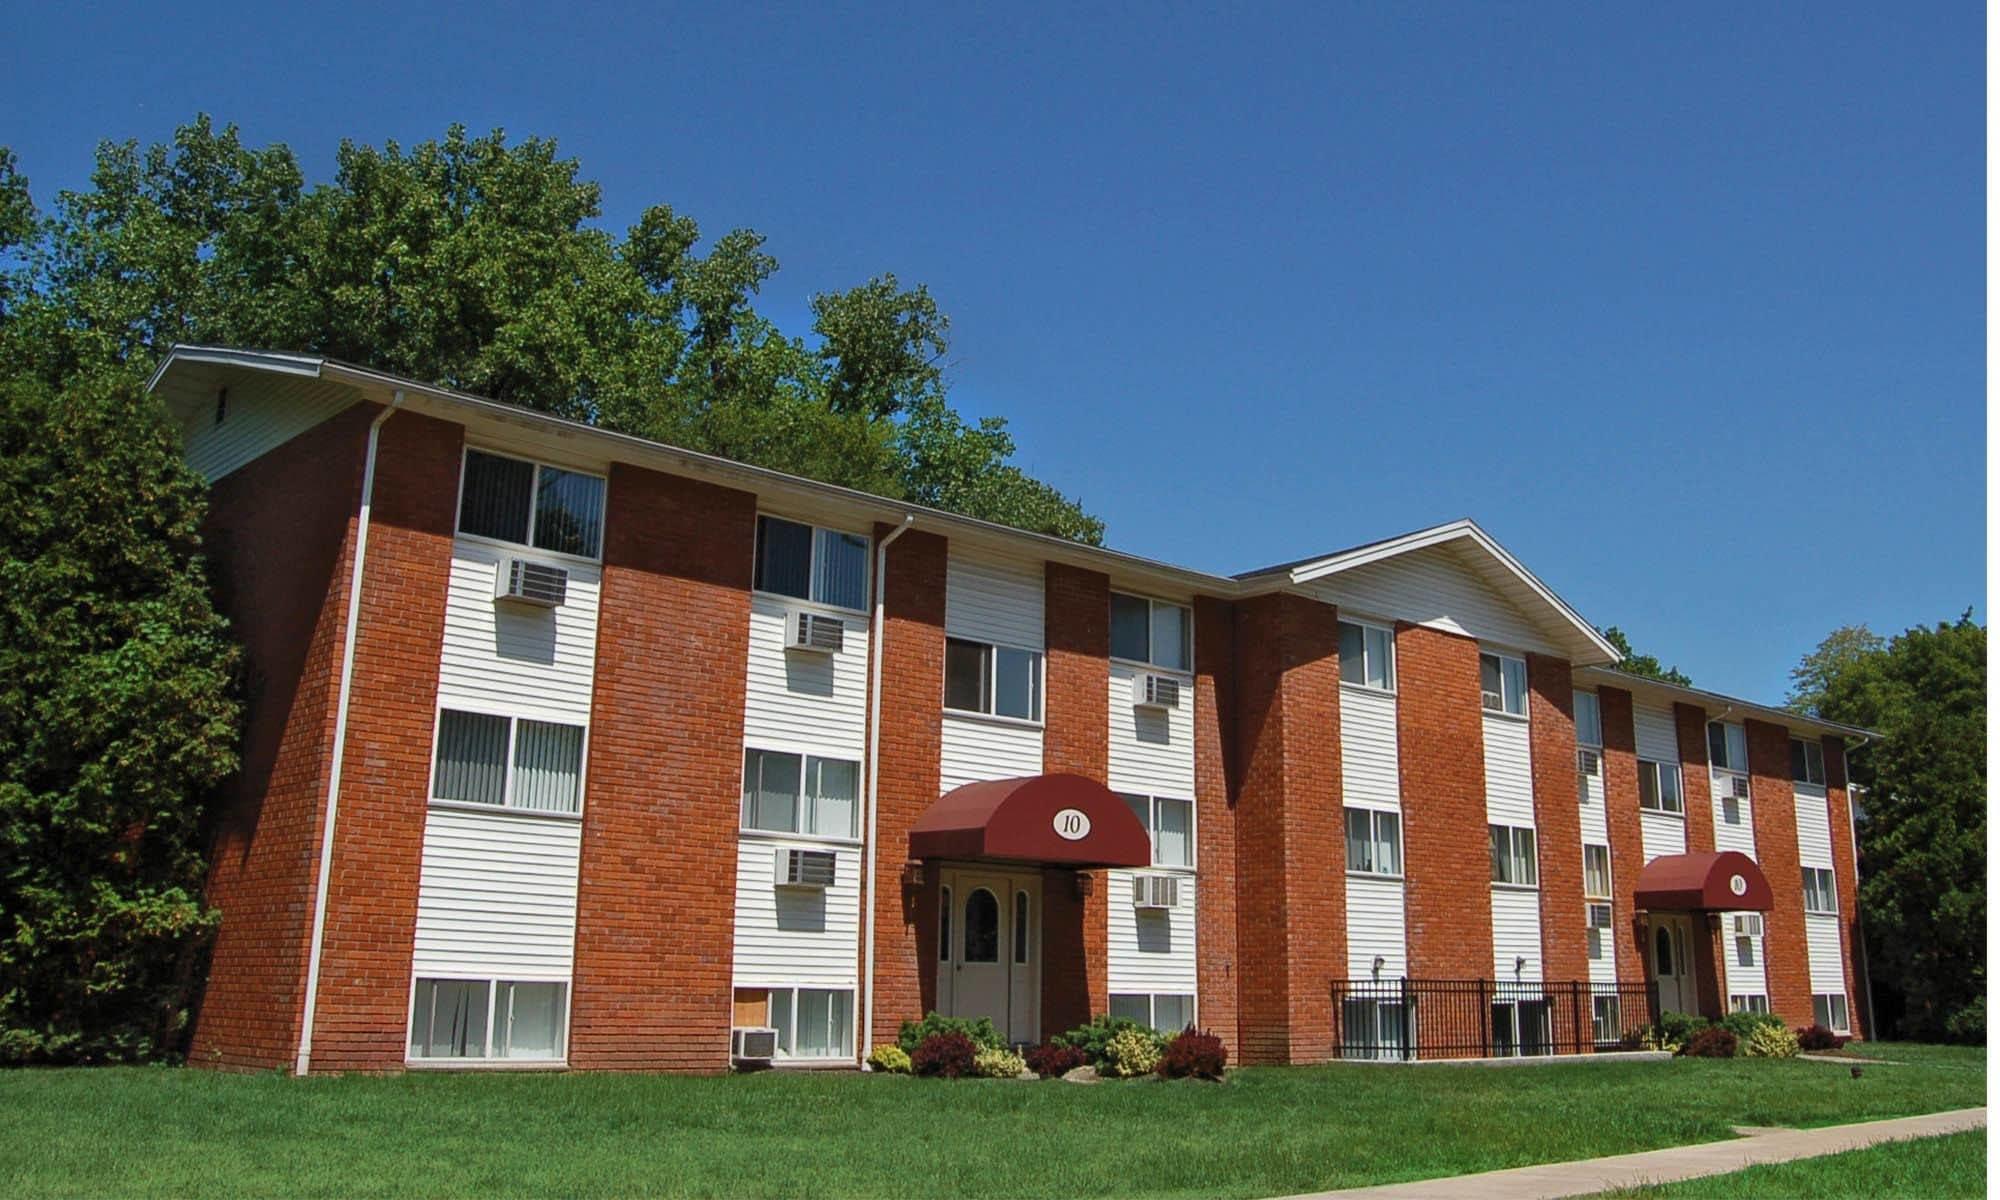 Apartments in Kingston, NY